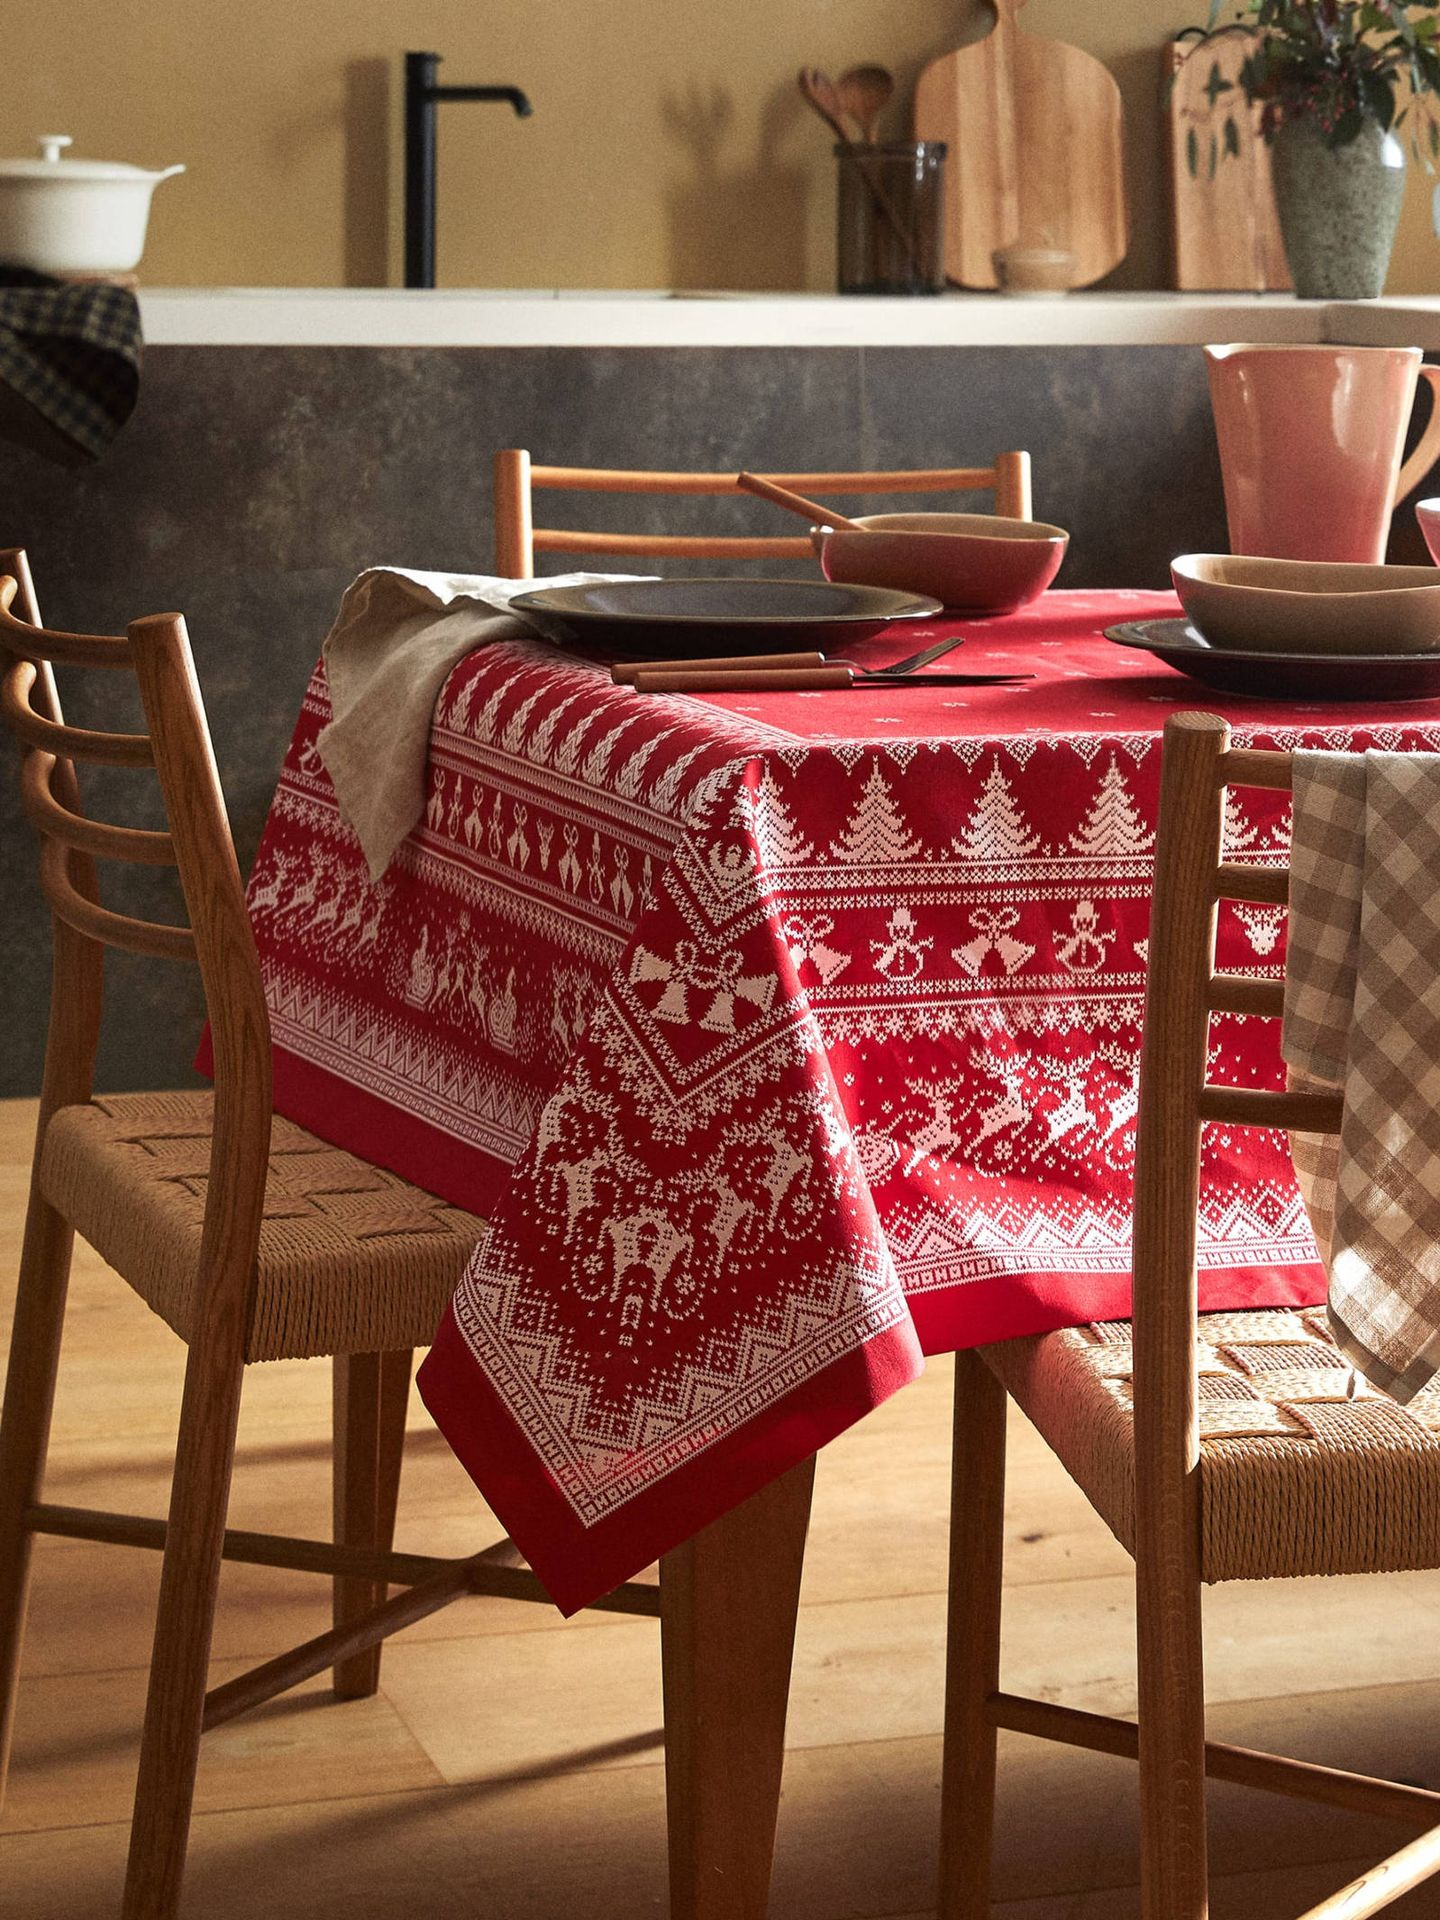 Manteles de Zara Home para decorar tu mesa esta Navidad. (Cortesía)